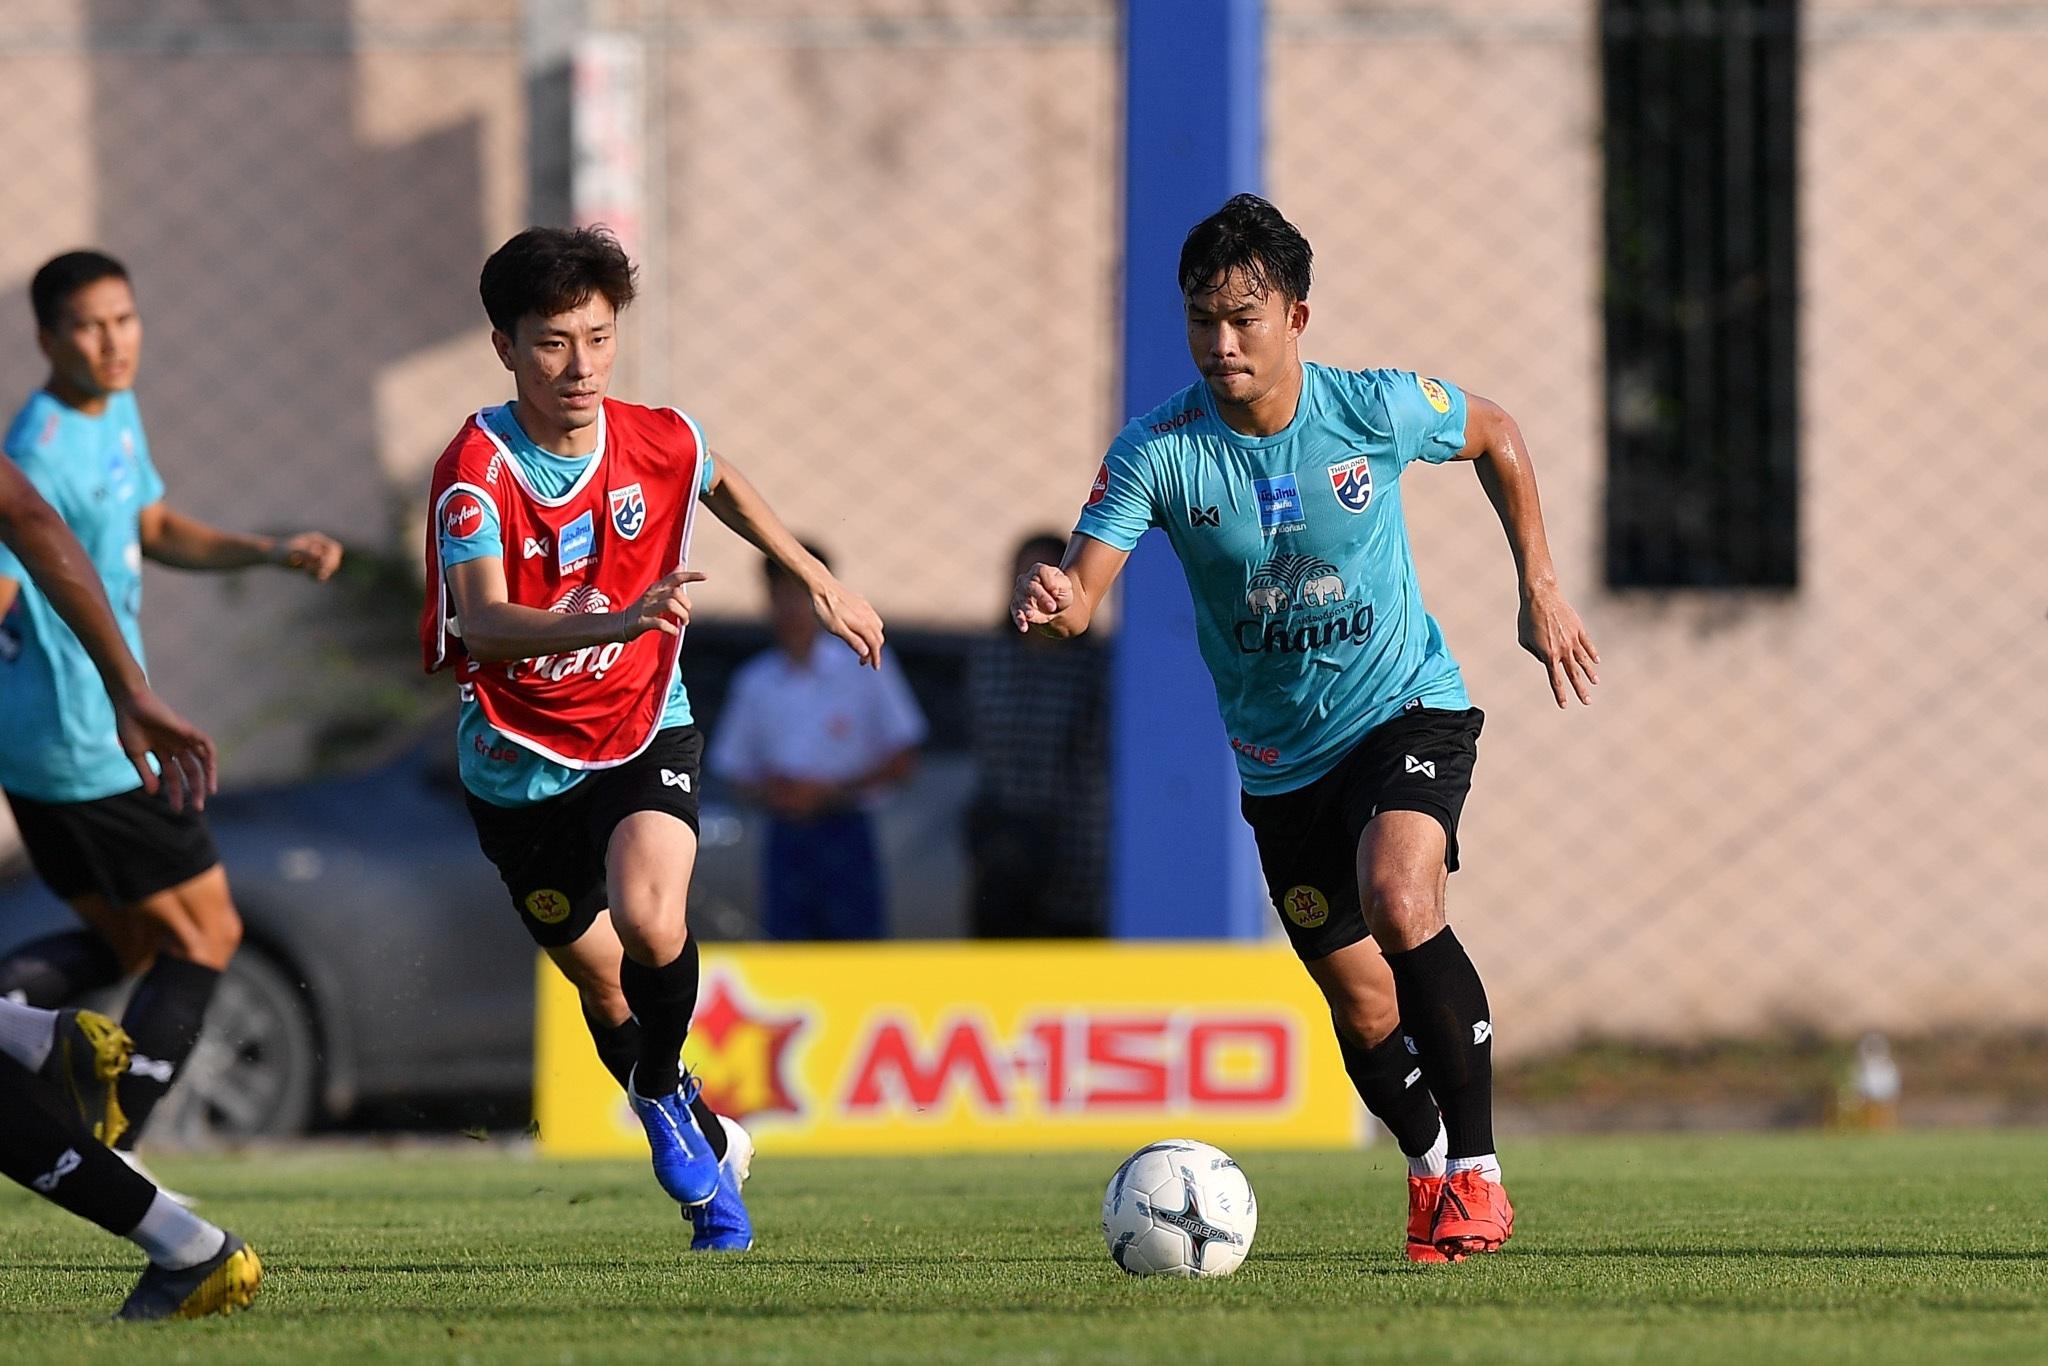 คิงส์ คัพ คิงส์คัพ 2019 ทีมชาติไทย สุมัญญา ปุริสาย